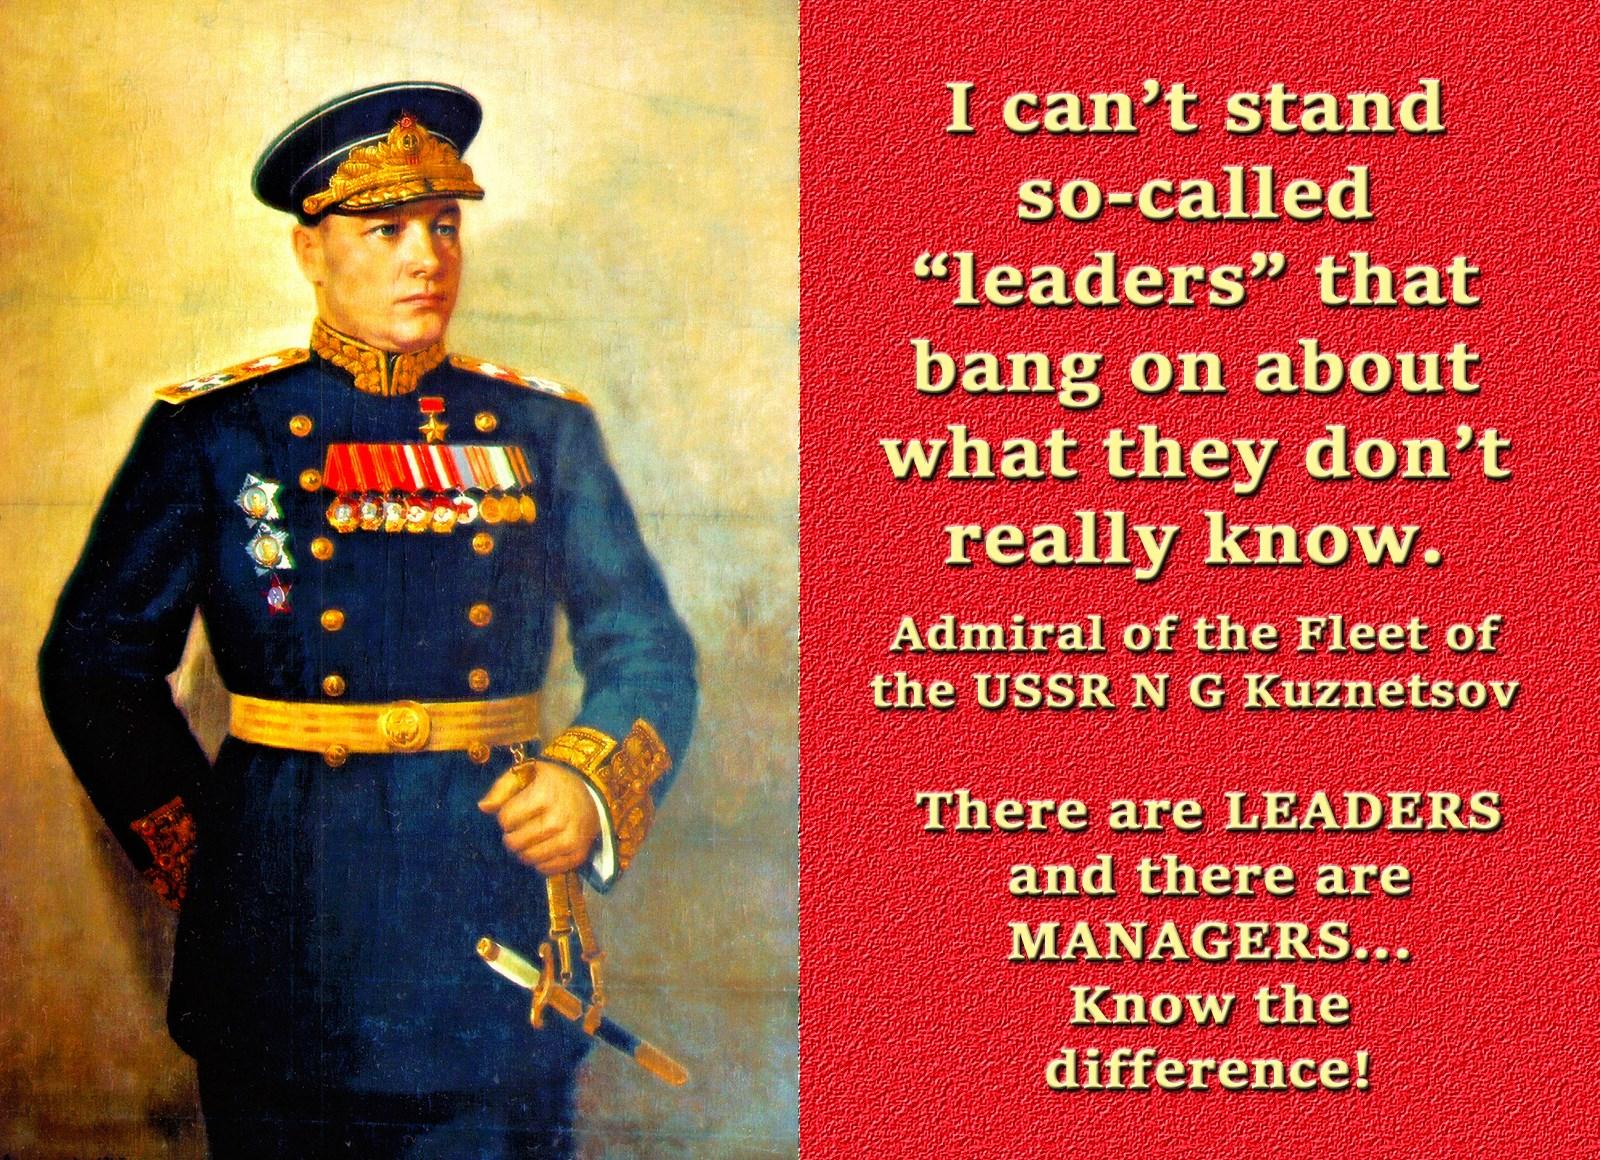 00 russia admiral kuznetsov quote 250716